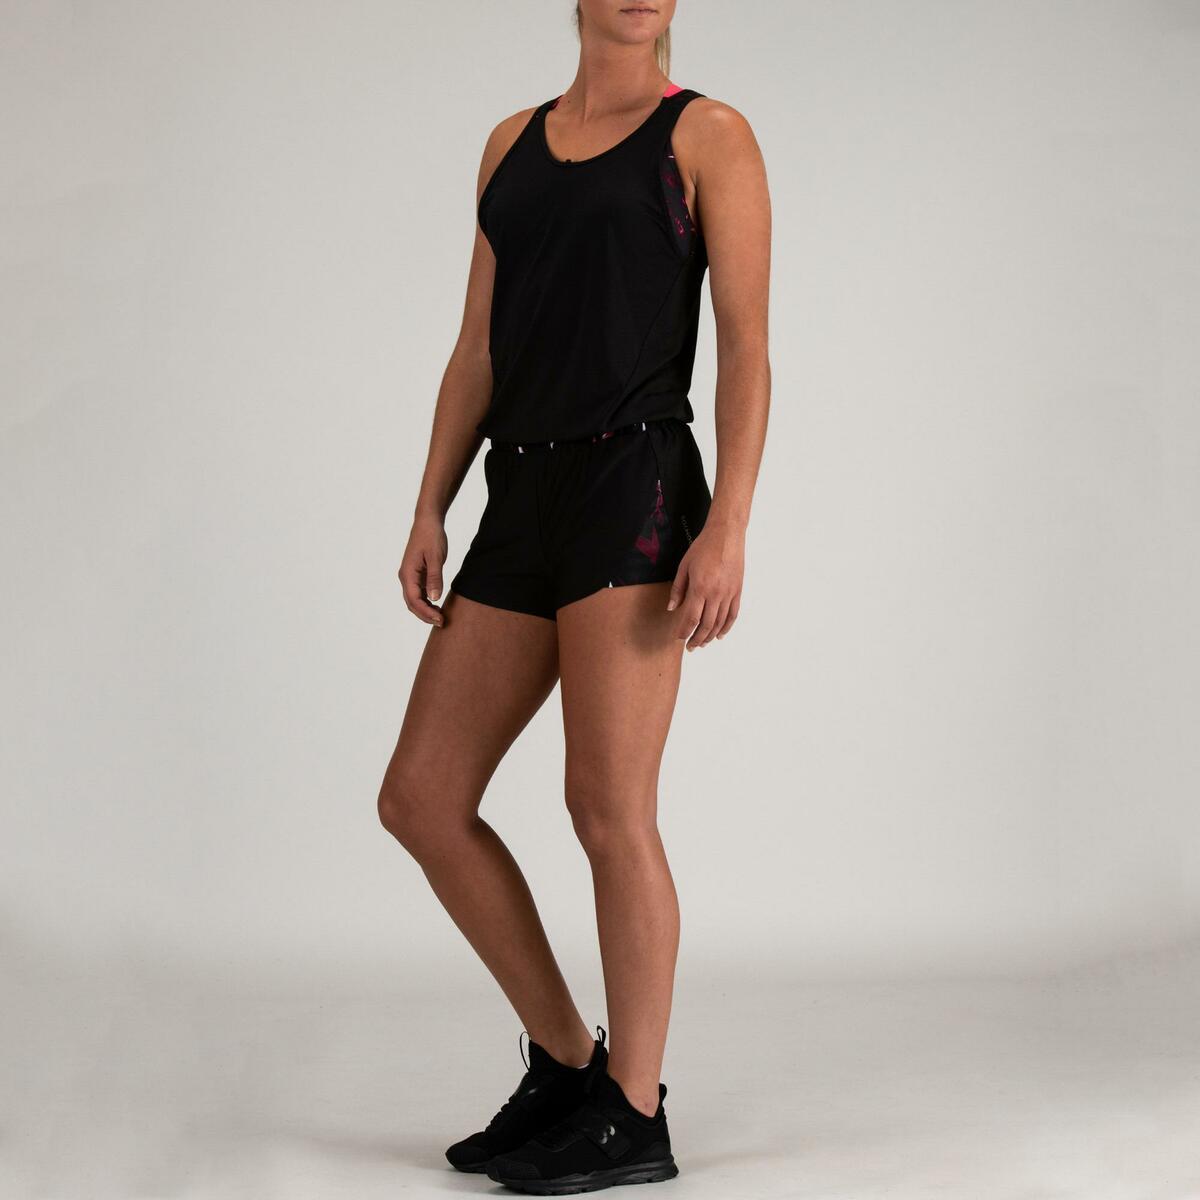 Bild 5 von Jumpsuit FJS 500 Cardio Fitness Damen schwarz